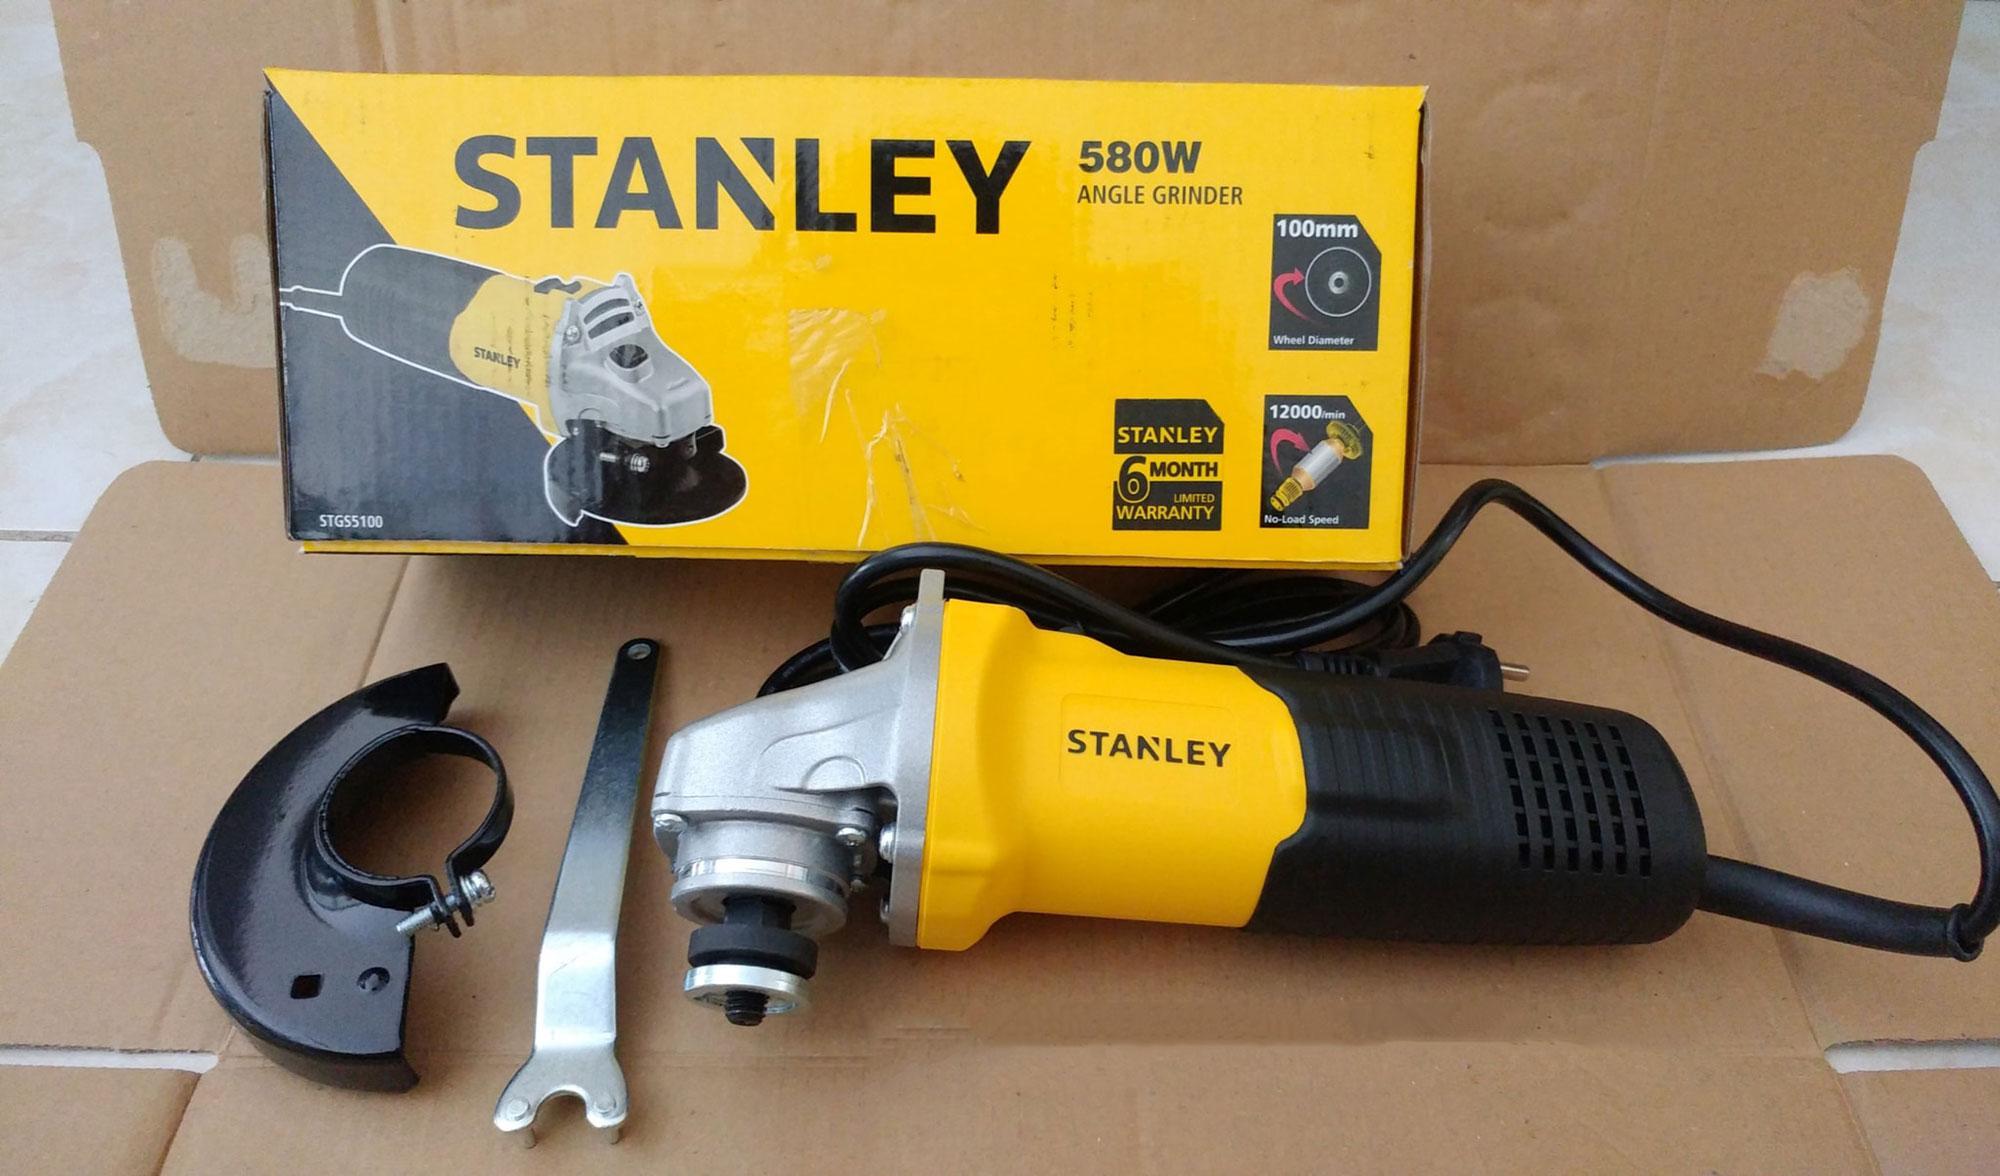 Máy mài góc 580W Stanley STGS5100 (dùng đá mài/cắt 100mm - 4 inch)